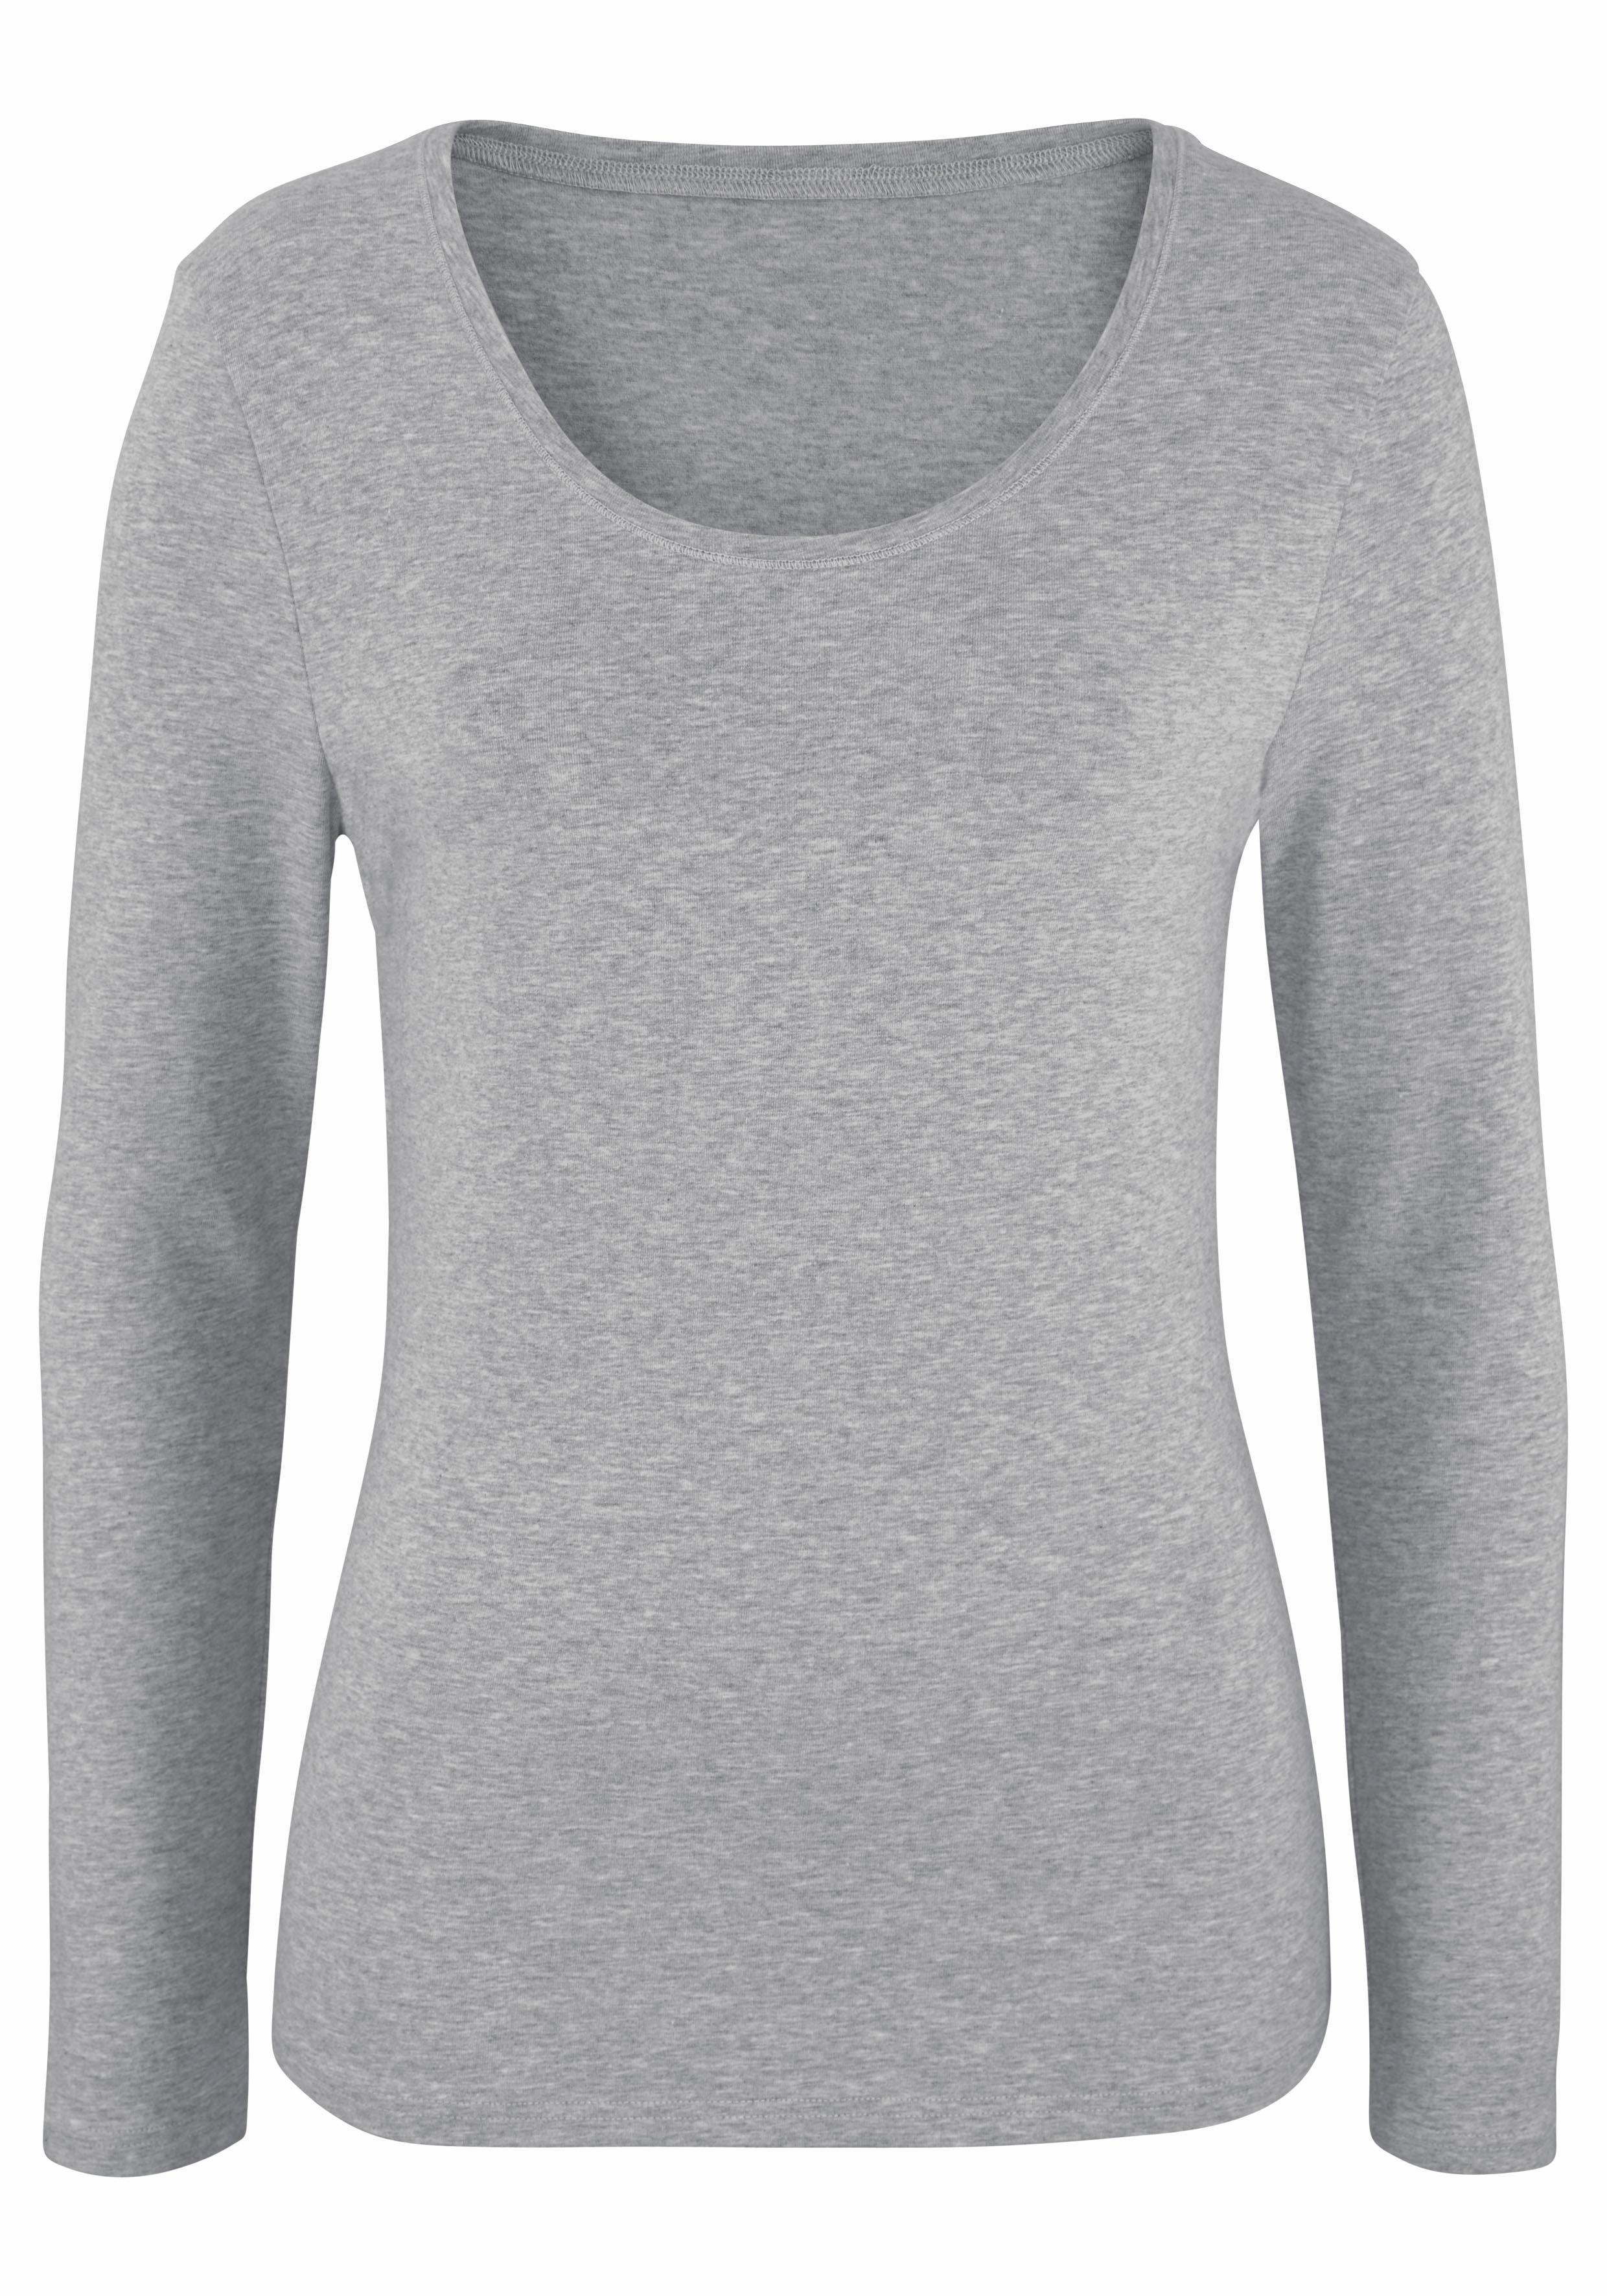 Mouwenset Shirt Vivance Van Je 2Koop Lange Met Bij b7Yfyg6v